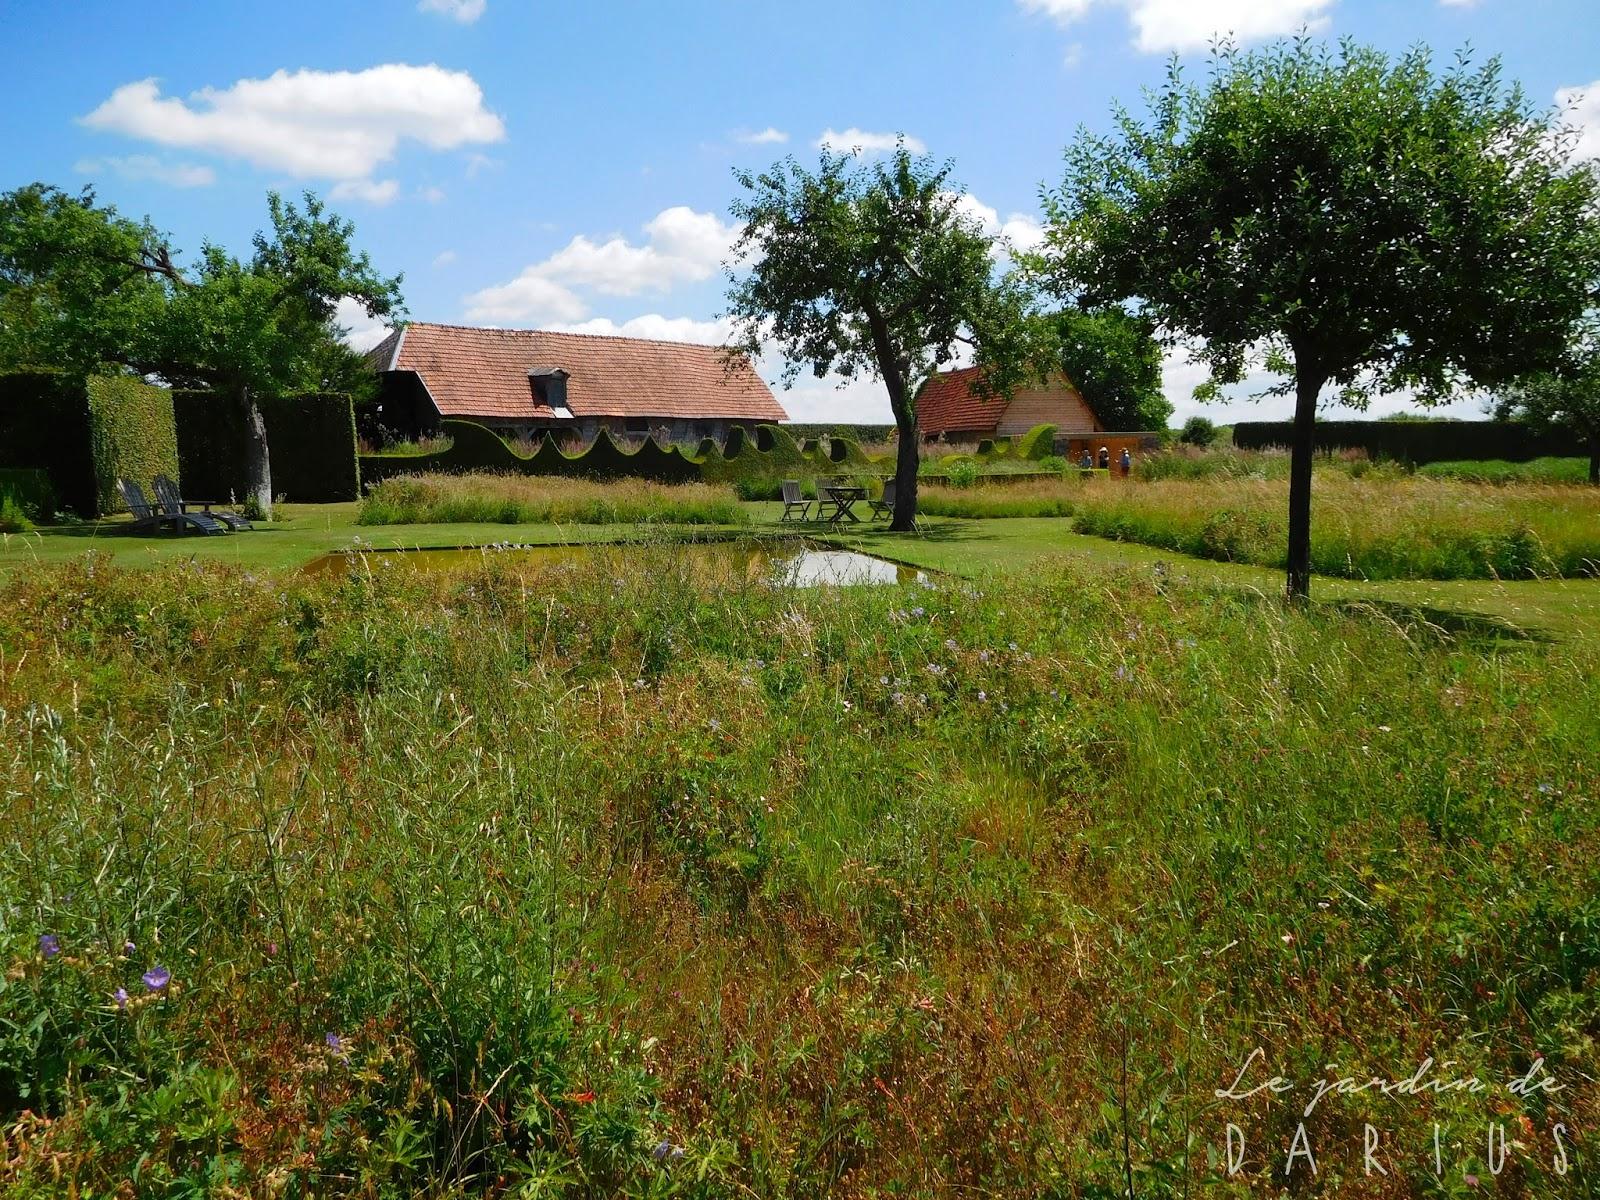 Le jardin de darius le jardin plume for Le jardin en juin